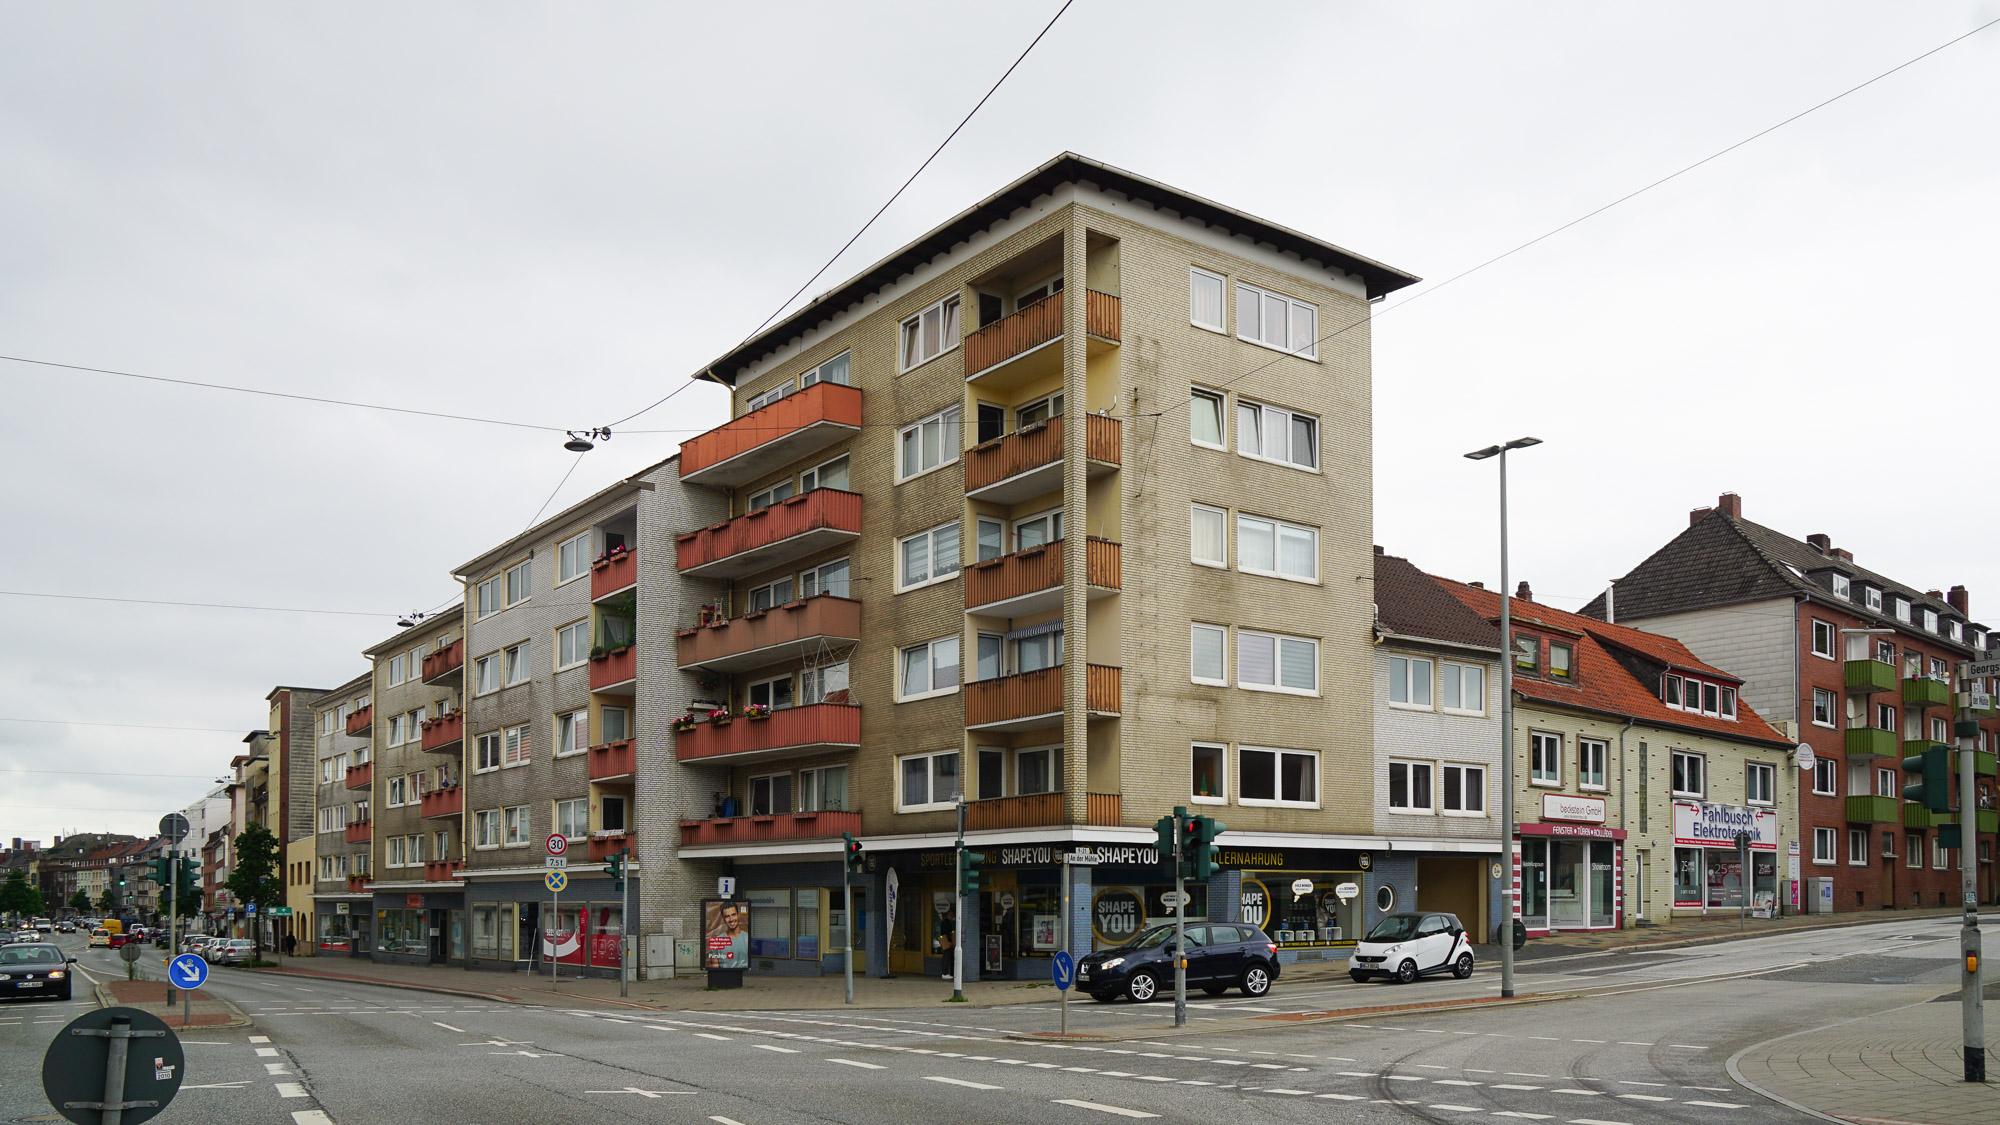 Sechsstöckiges Wohn- und Geschäftshaus an einer breiten Straße